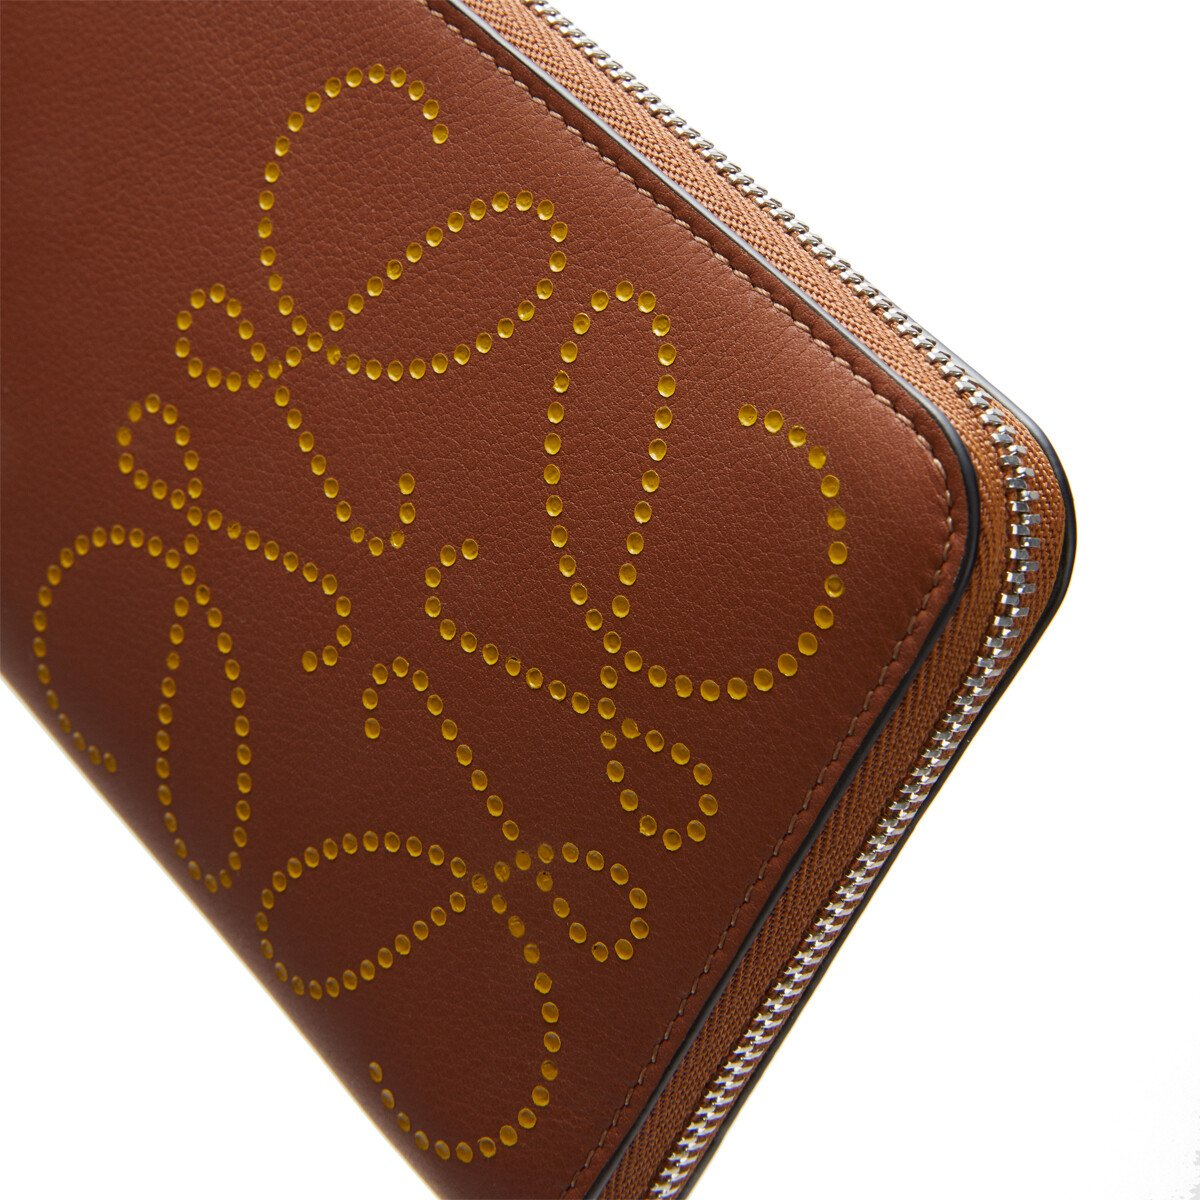 LOEWE Brand Zip Around  Wallet Tan/Ochre front